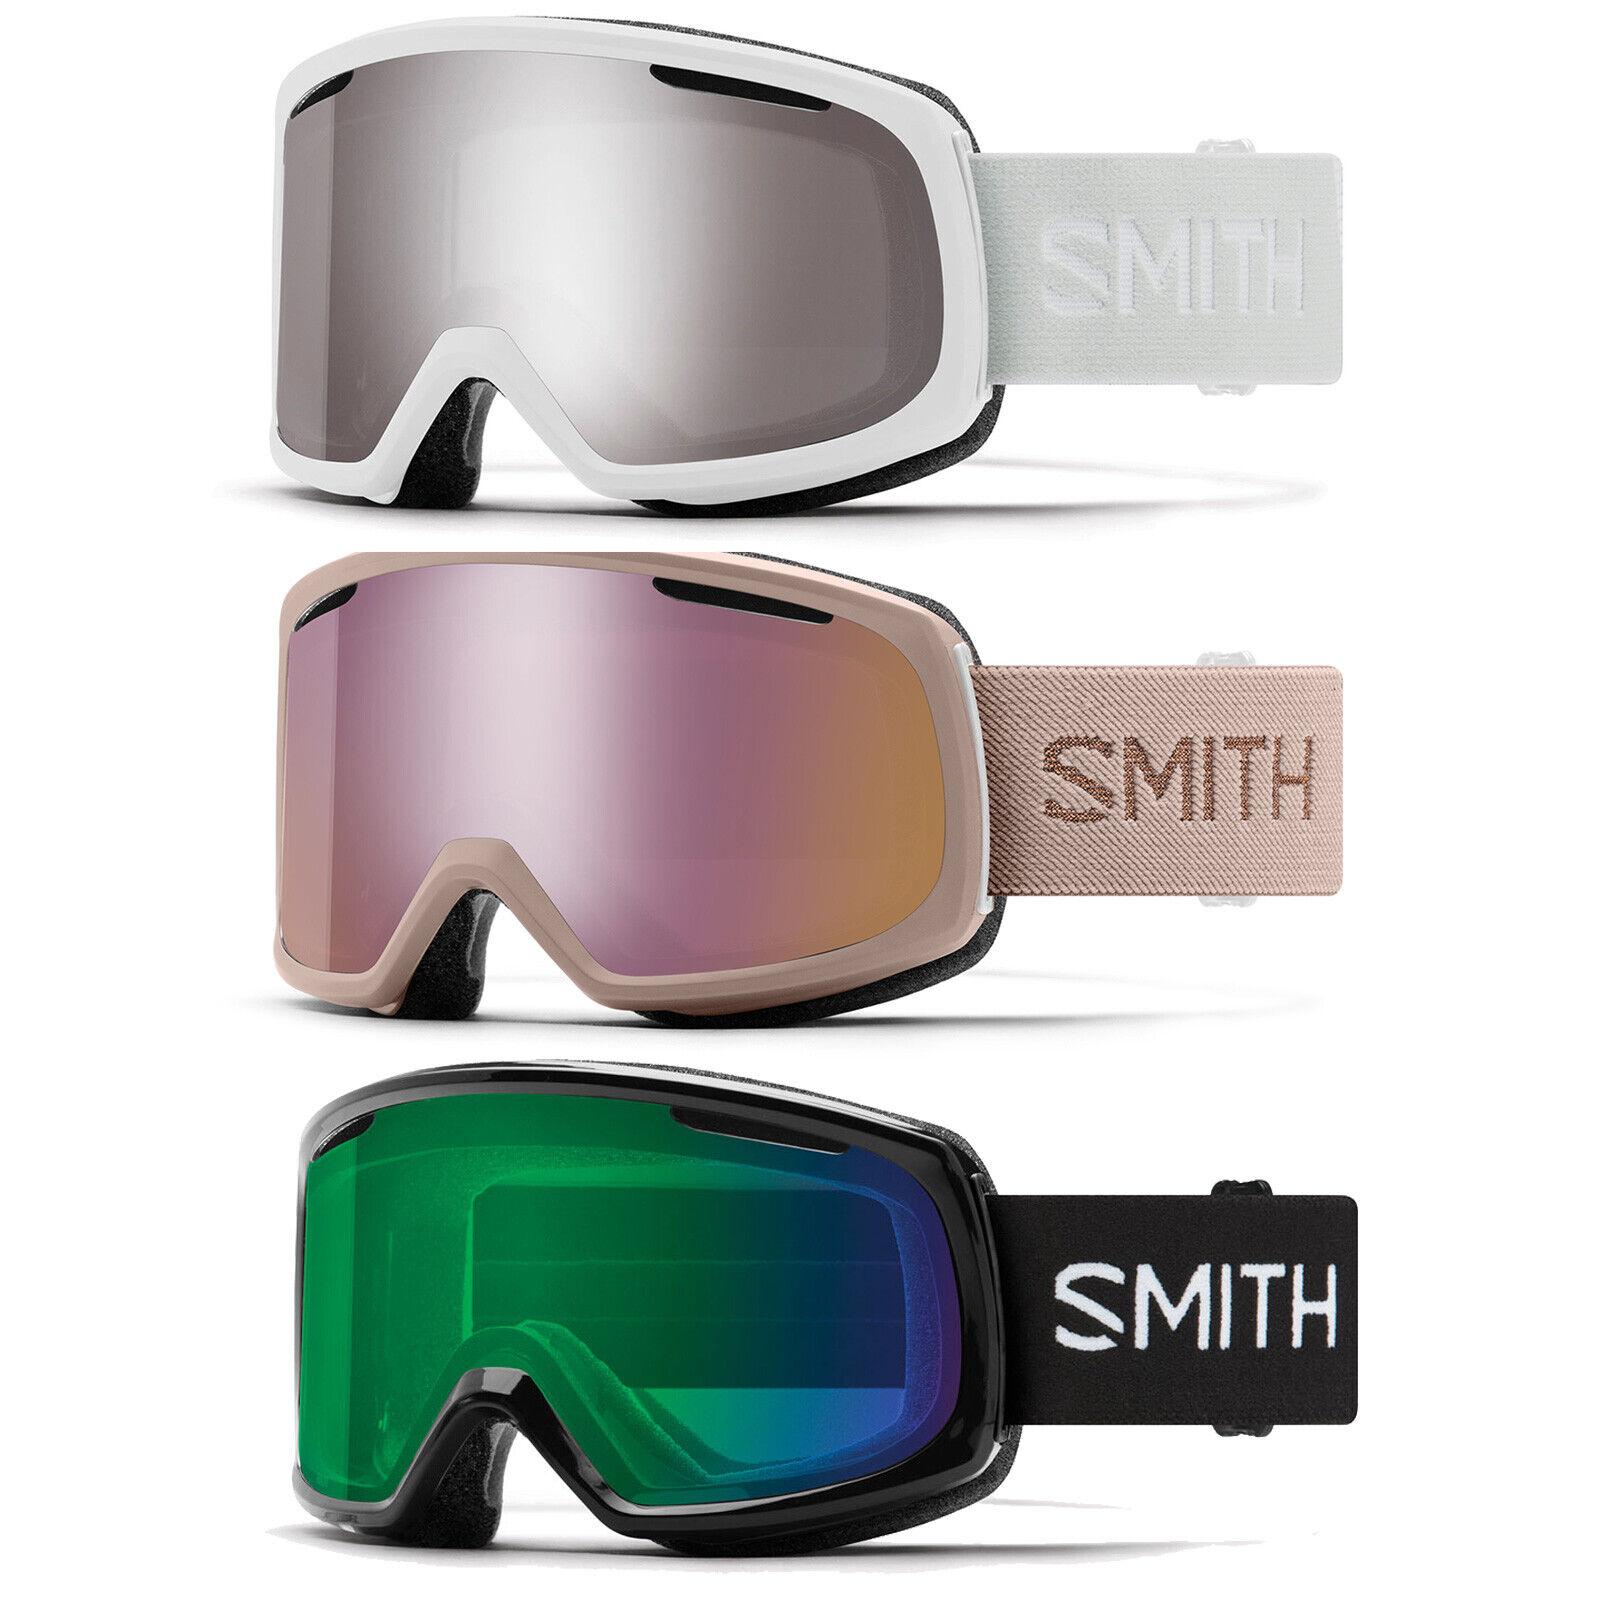 Smith Riot Damen-Snowboardbrille Skibrille Schneebrille + Wechselscheibe M00672